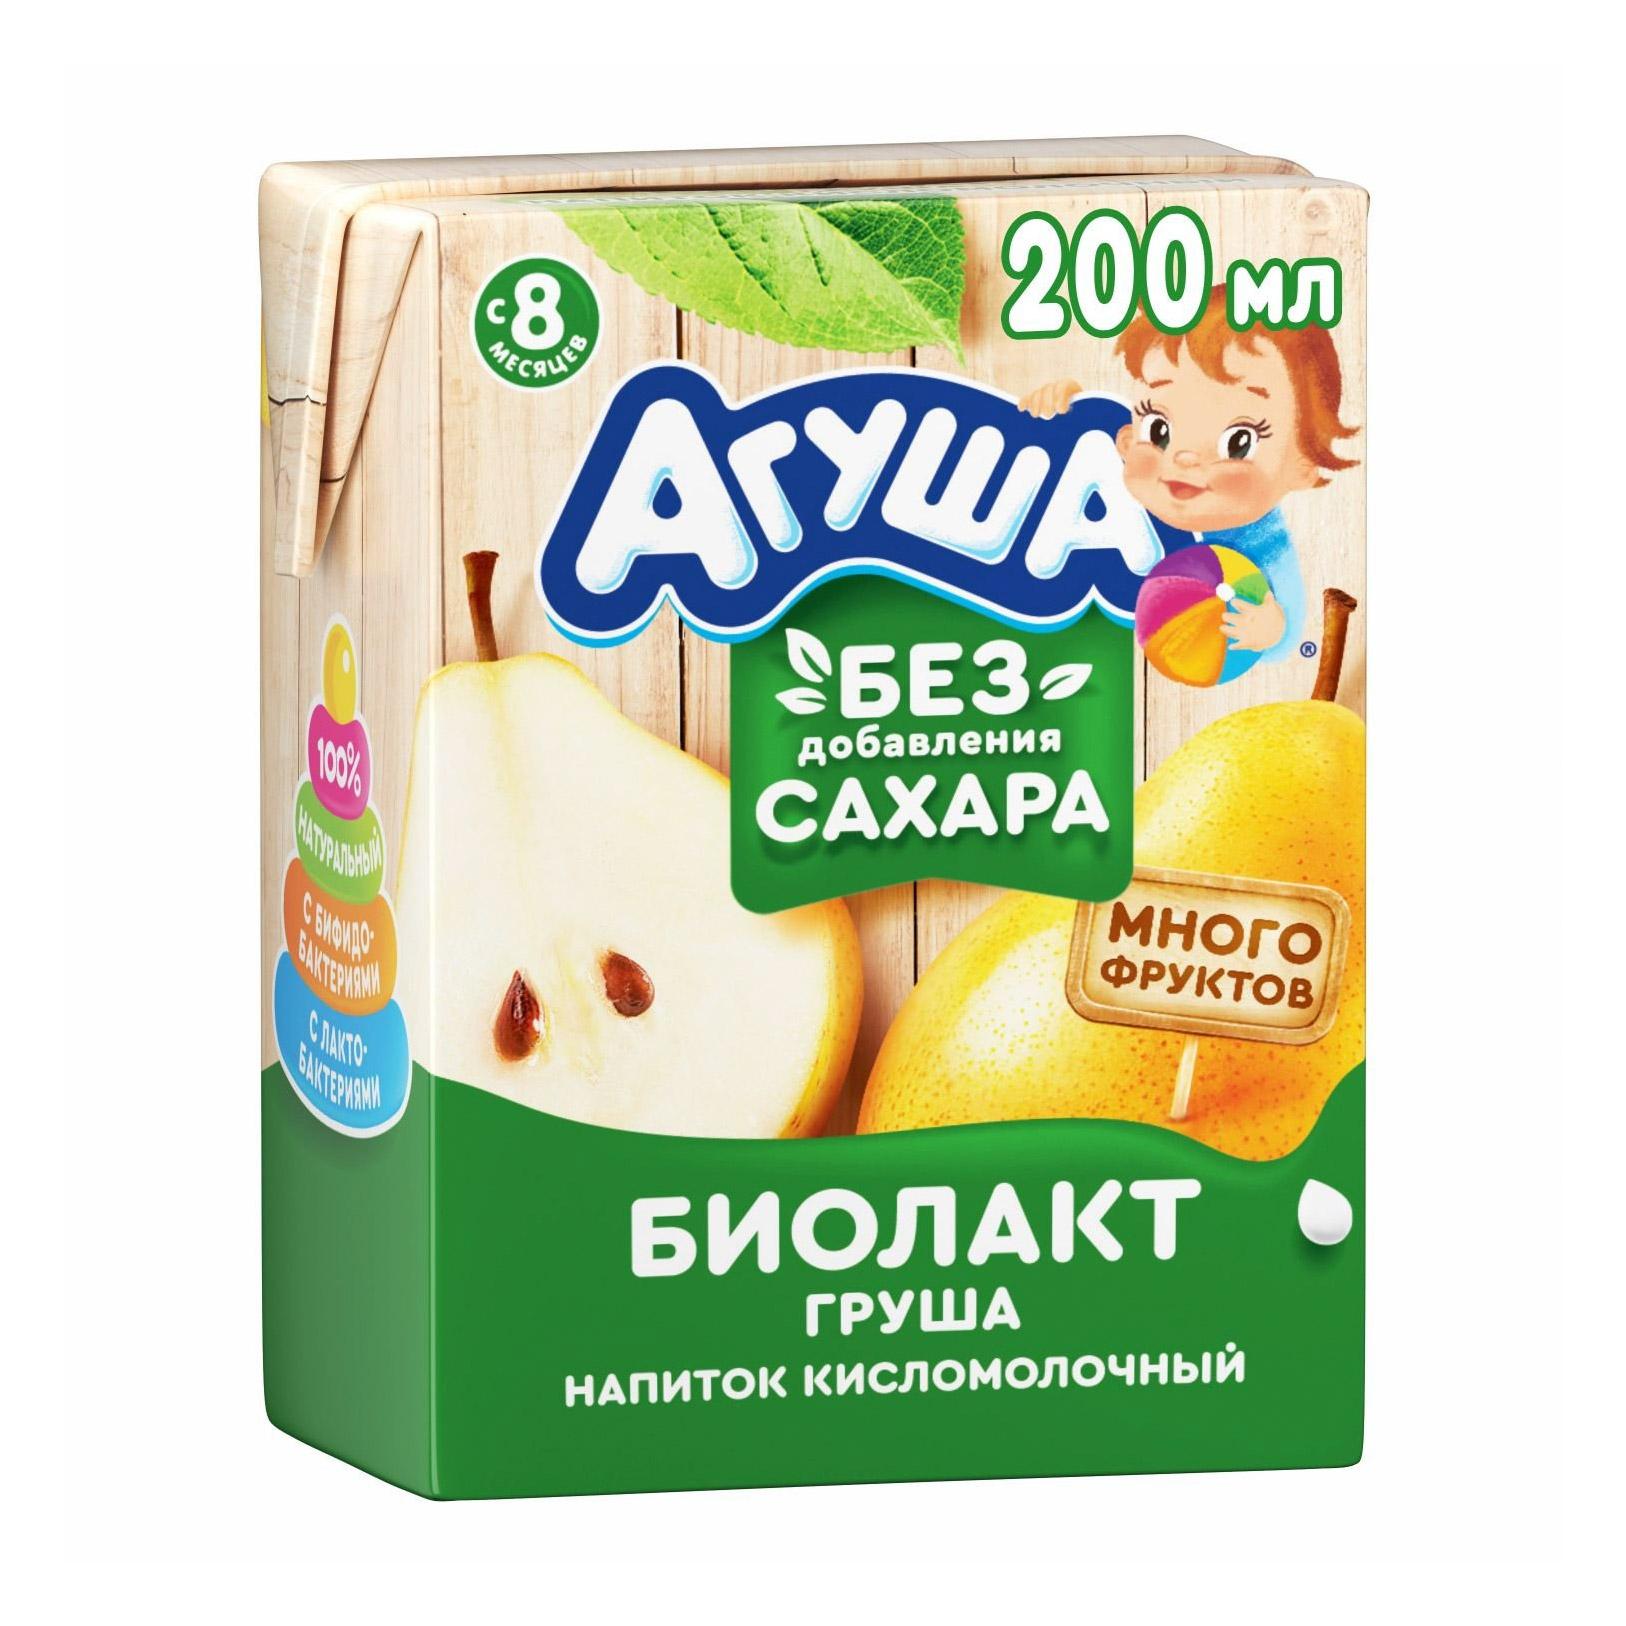 Фото - Биолакт Агуша кисломолочный 3,4% со вкусом груши с 8 месяцев, 200 г биолакт кисломолочный фрутоняня детский сладкий 3 2